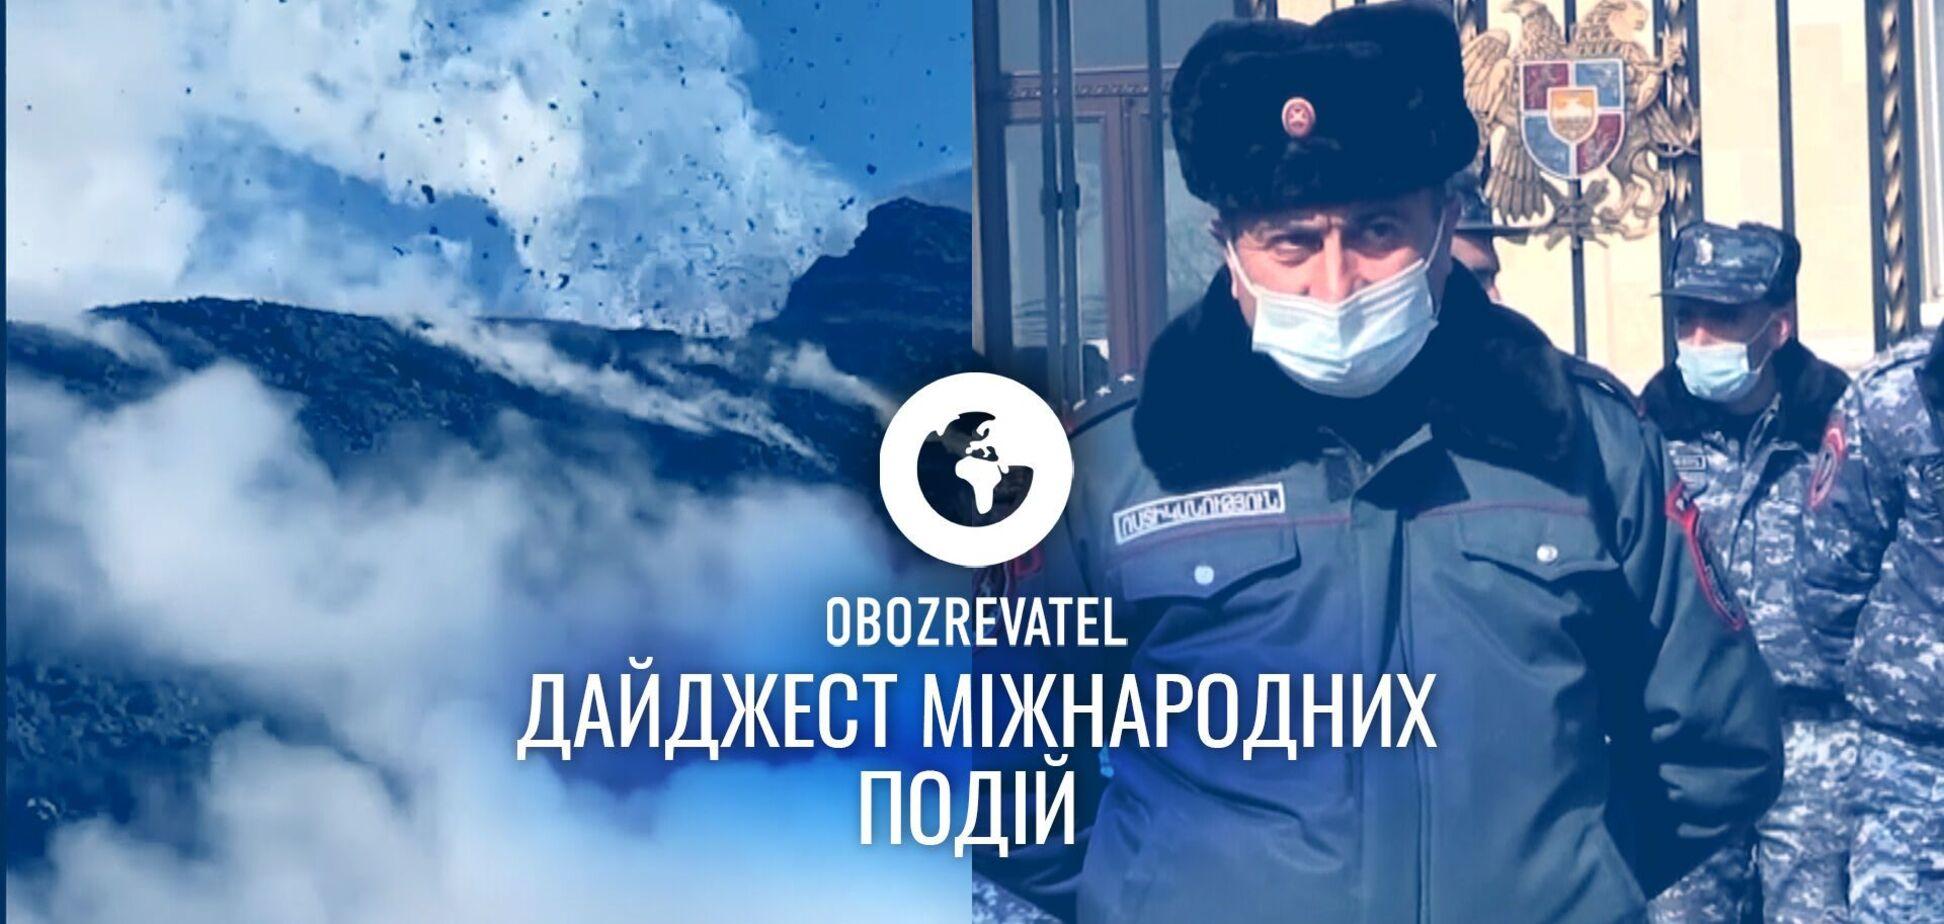 Захоплення парламенту у Вірменії та виверження найбільшого активного вулкану Євразії – дайджест міжнародних подій